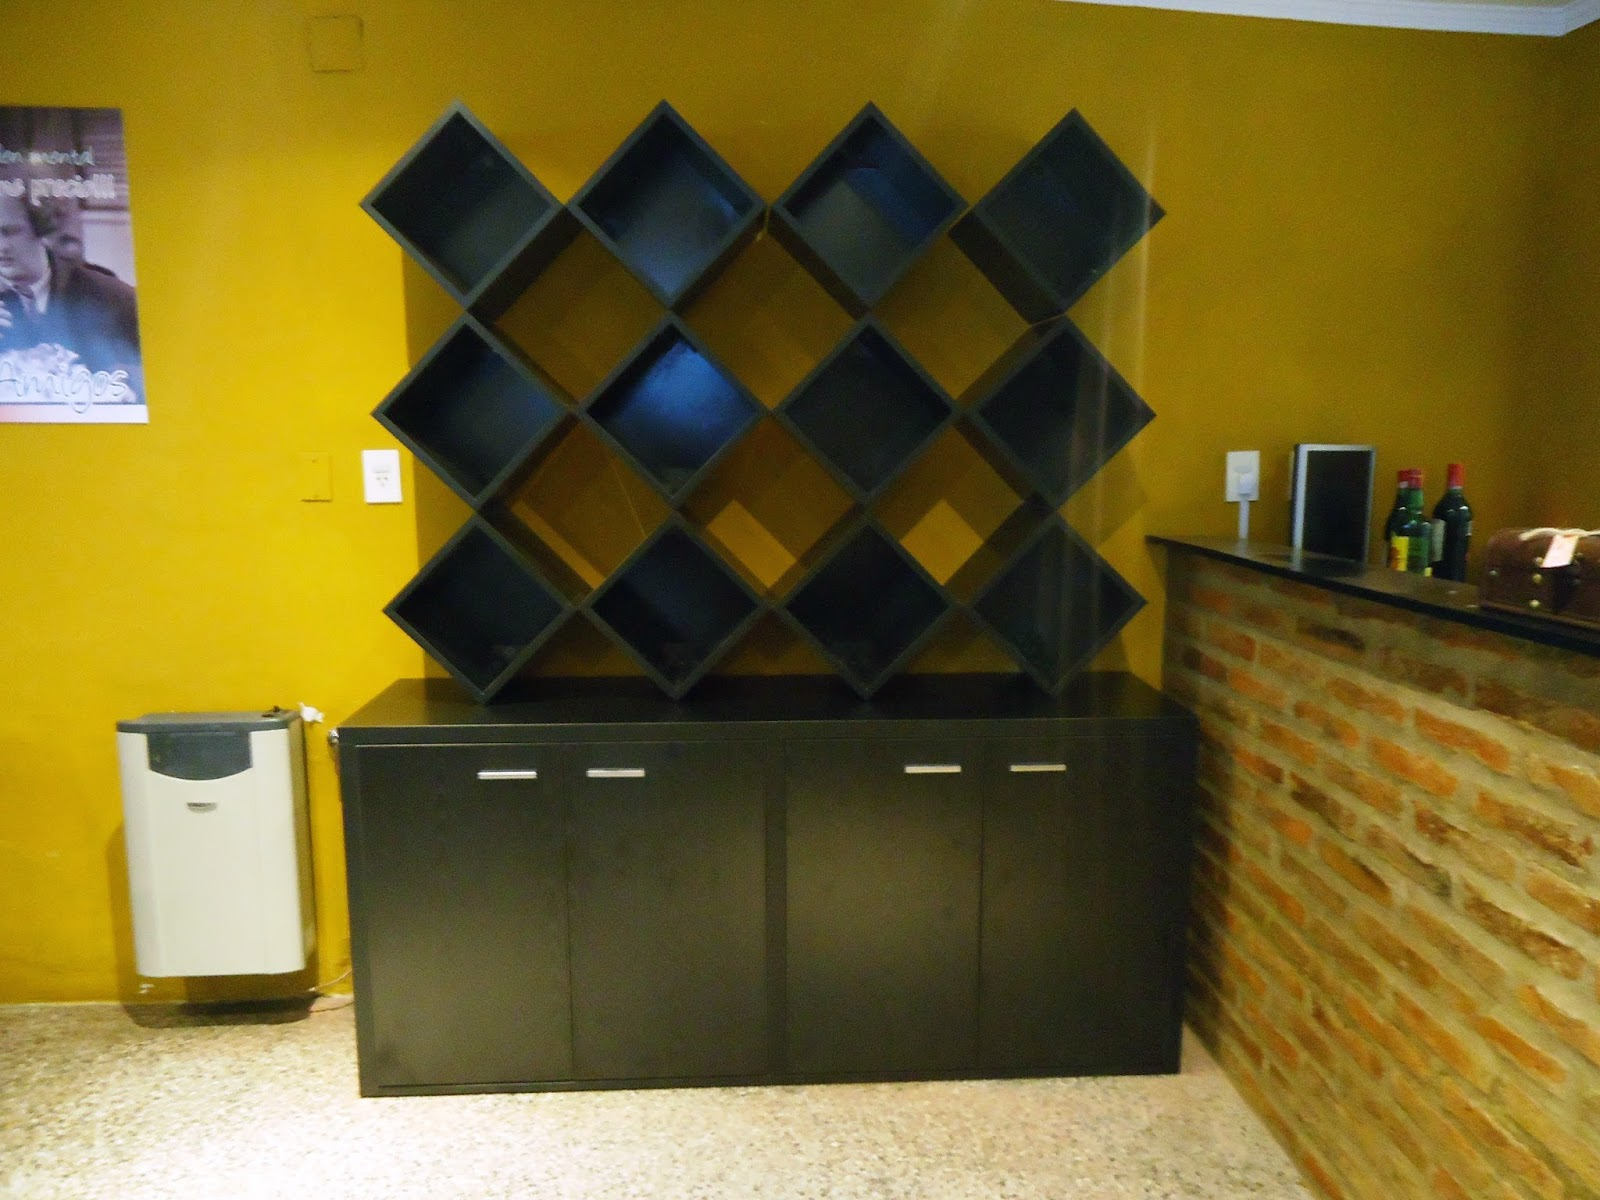 El detalle muebles dise ados a medida mueble para for Muebles para vinotecas